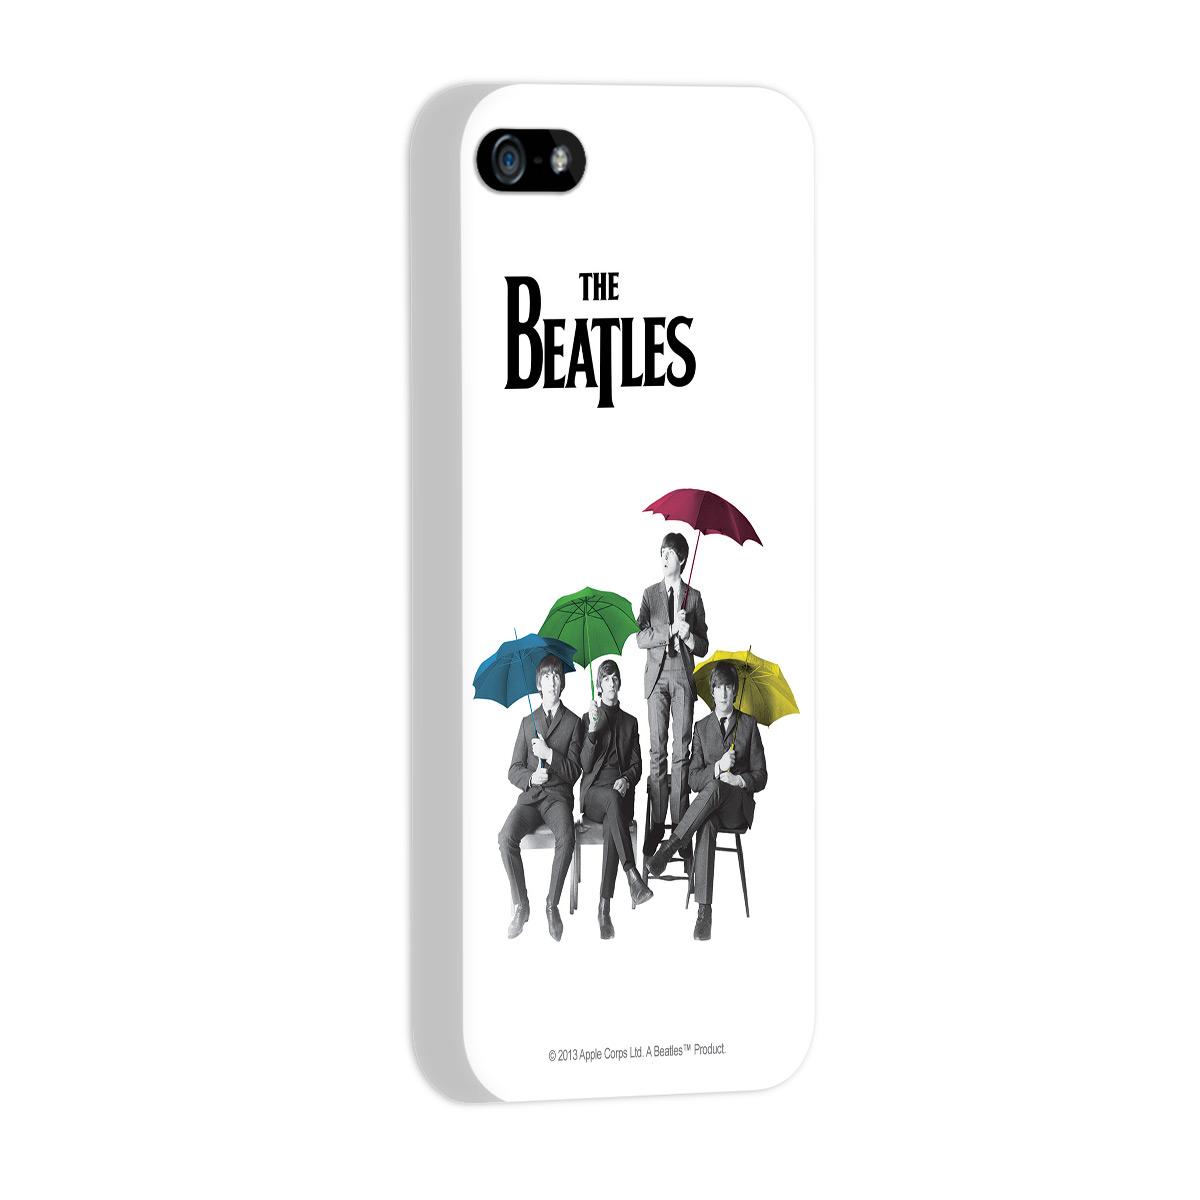 Capa de iPhone 5/5S The Beatles Umbrella Colors